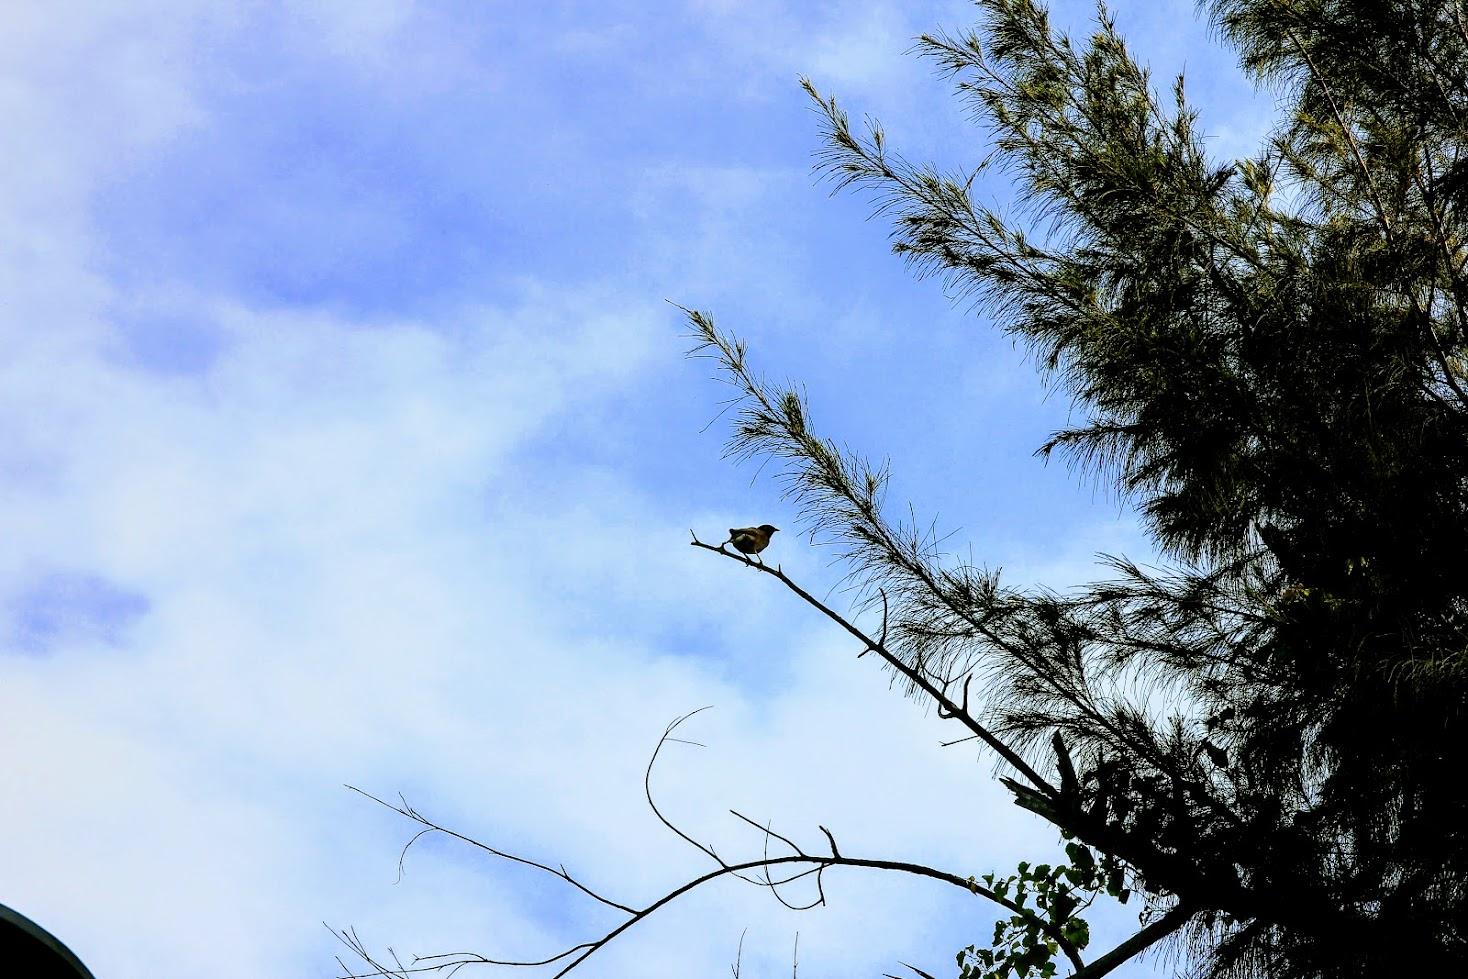 從進門口就發現這邊的鳥類很多,只要靜下來就可以看到